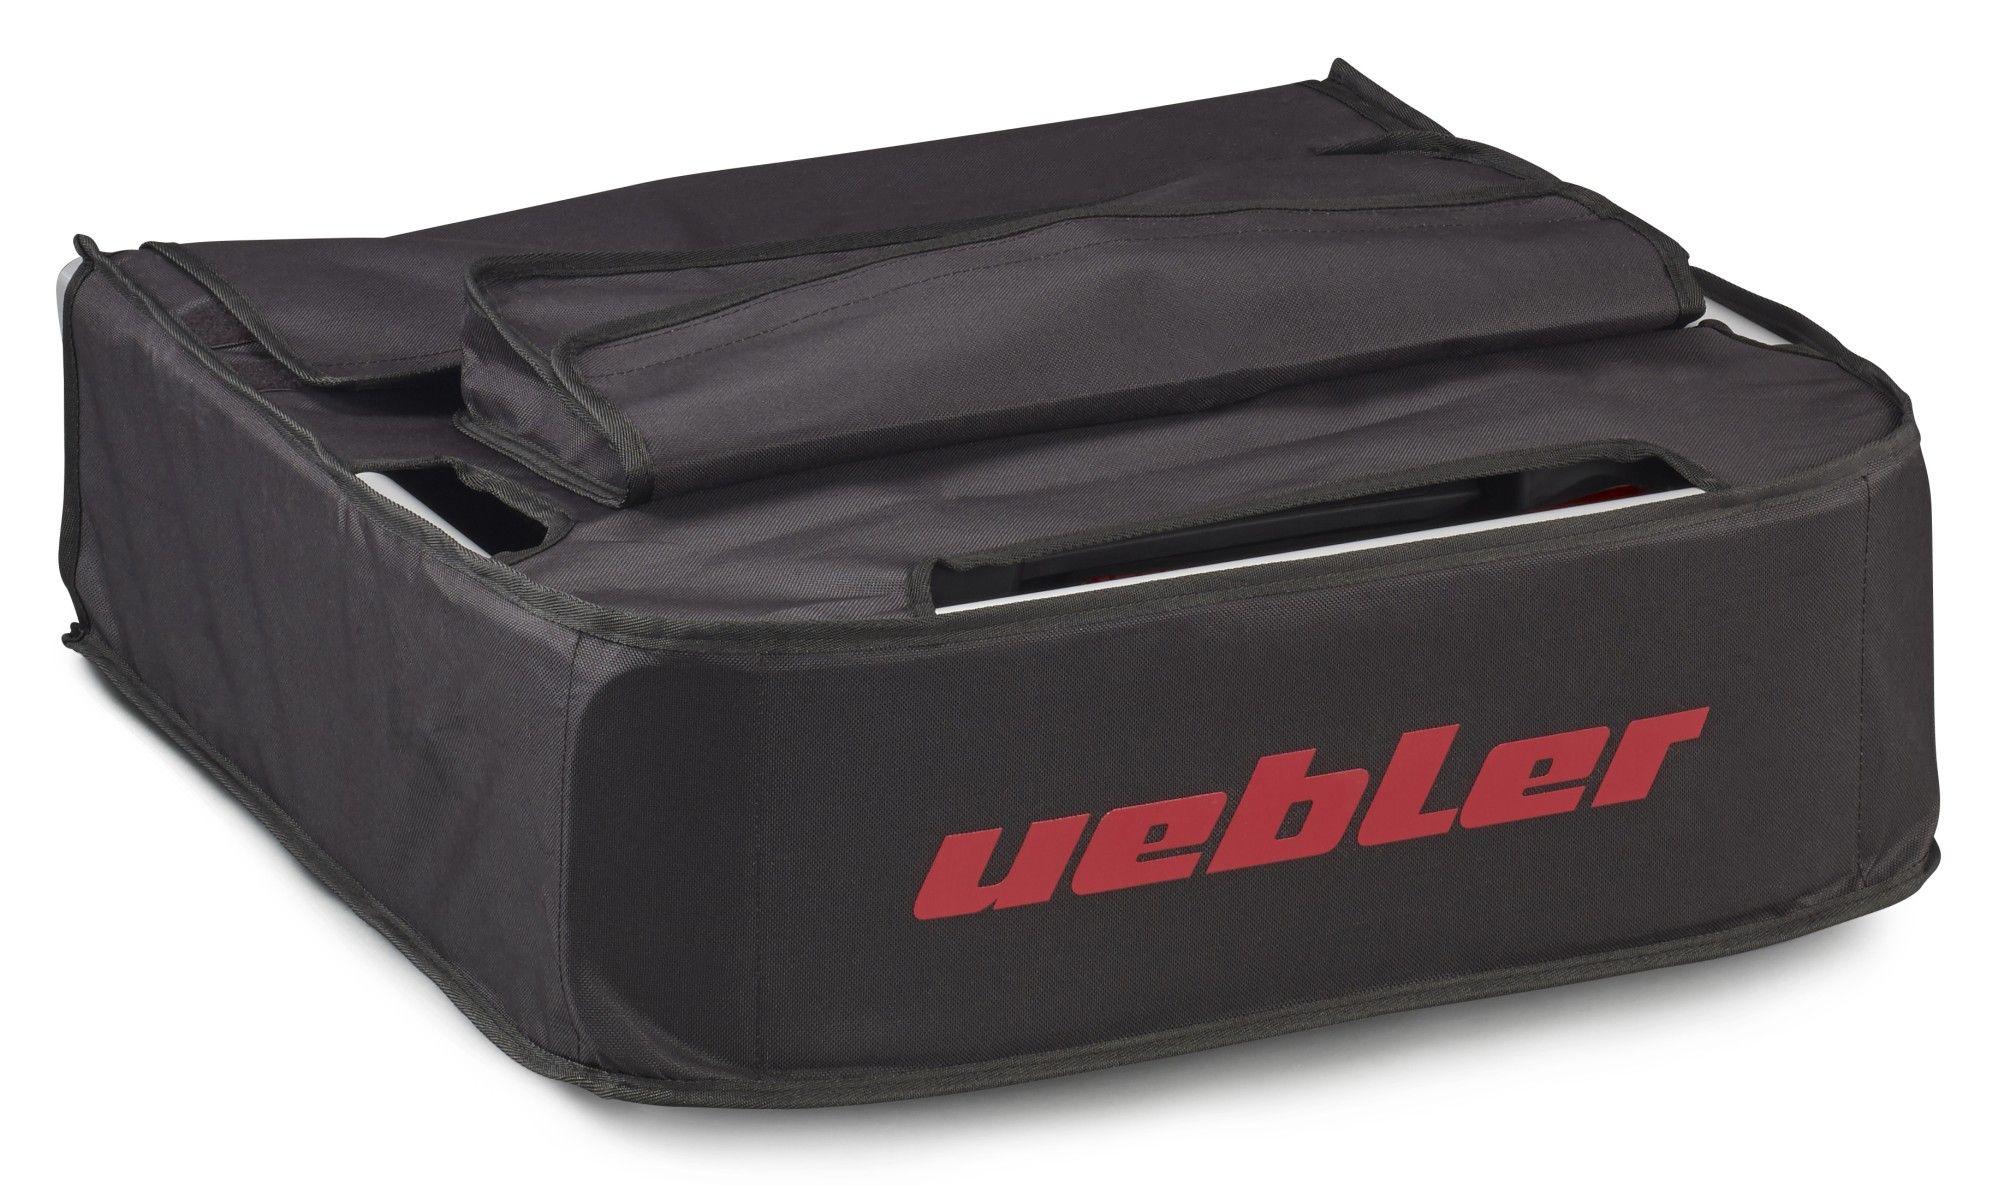 fahrradträgerzubehör: Uebler  Transporttasche für i31 19850